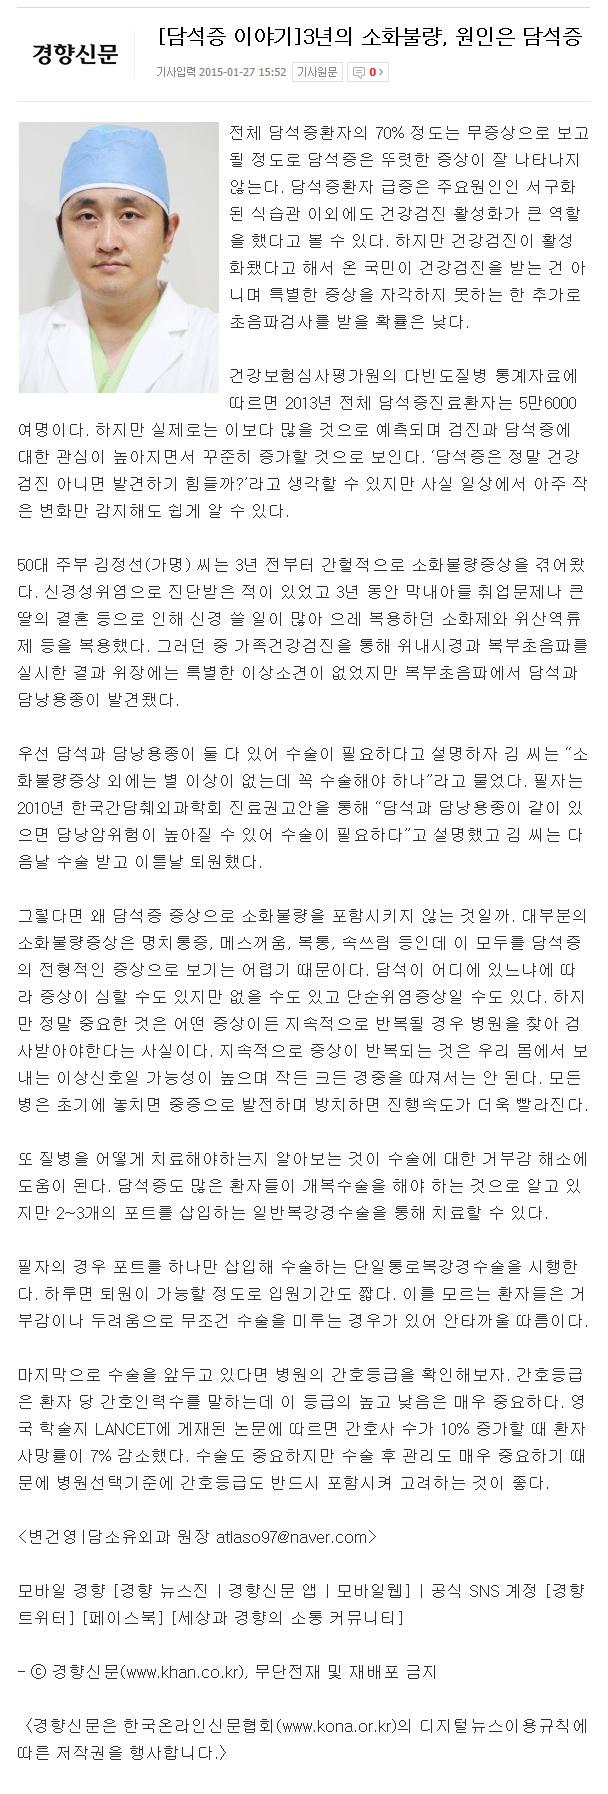 0127 담석증 경향 변건영.jpg